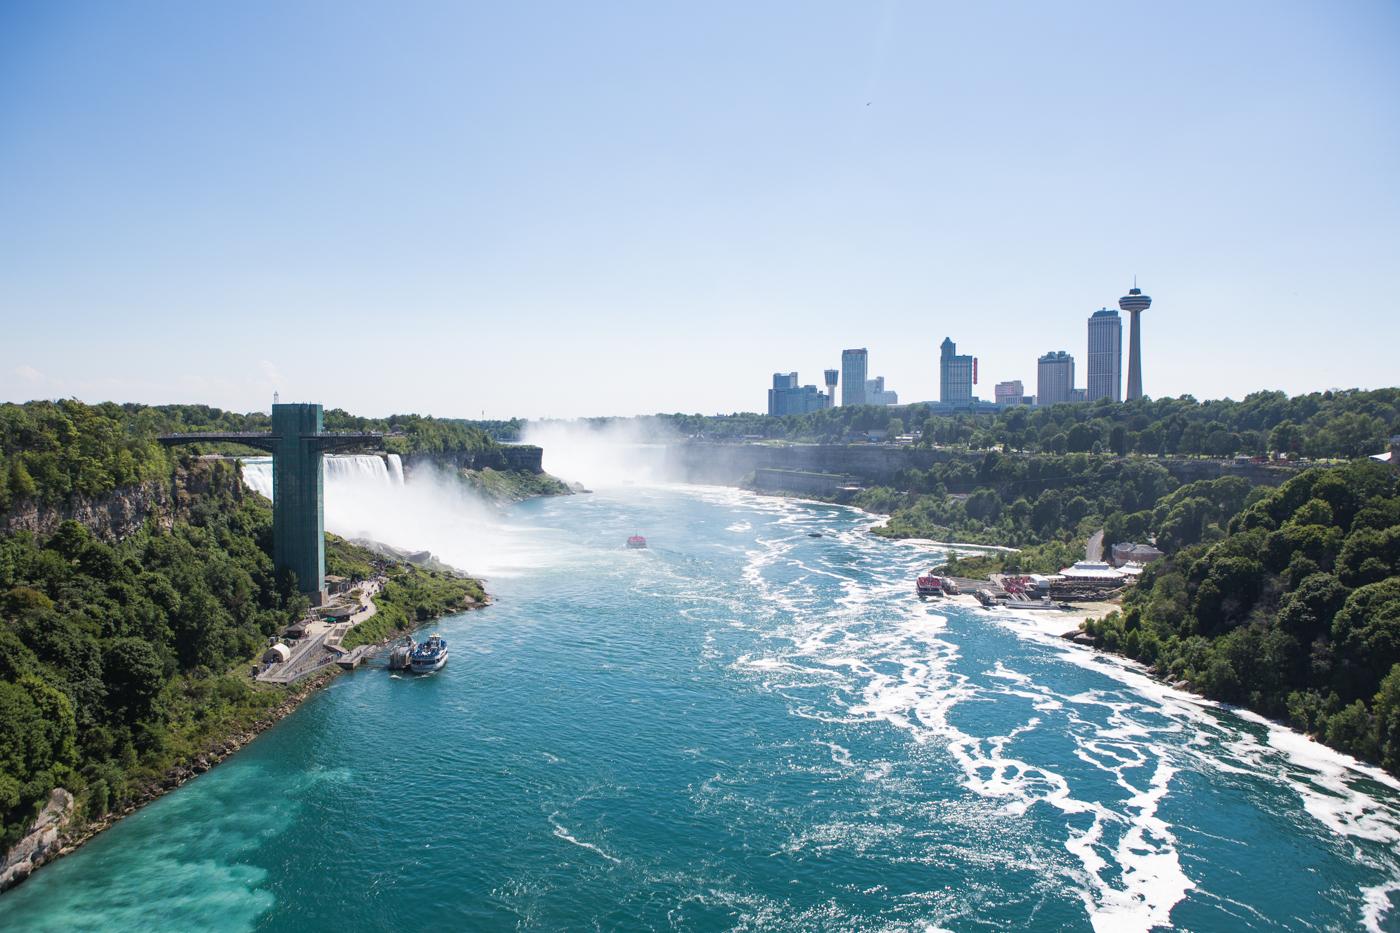 Bolandia_Blog_Montreal-Osheaga-Niagara-Falls-4137.jpg